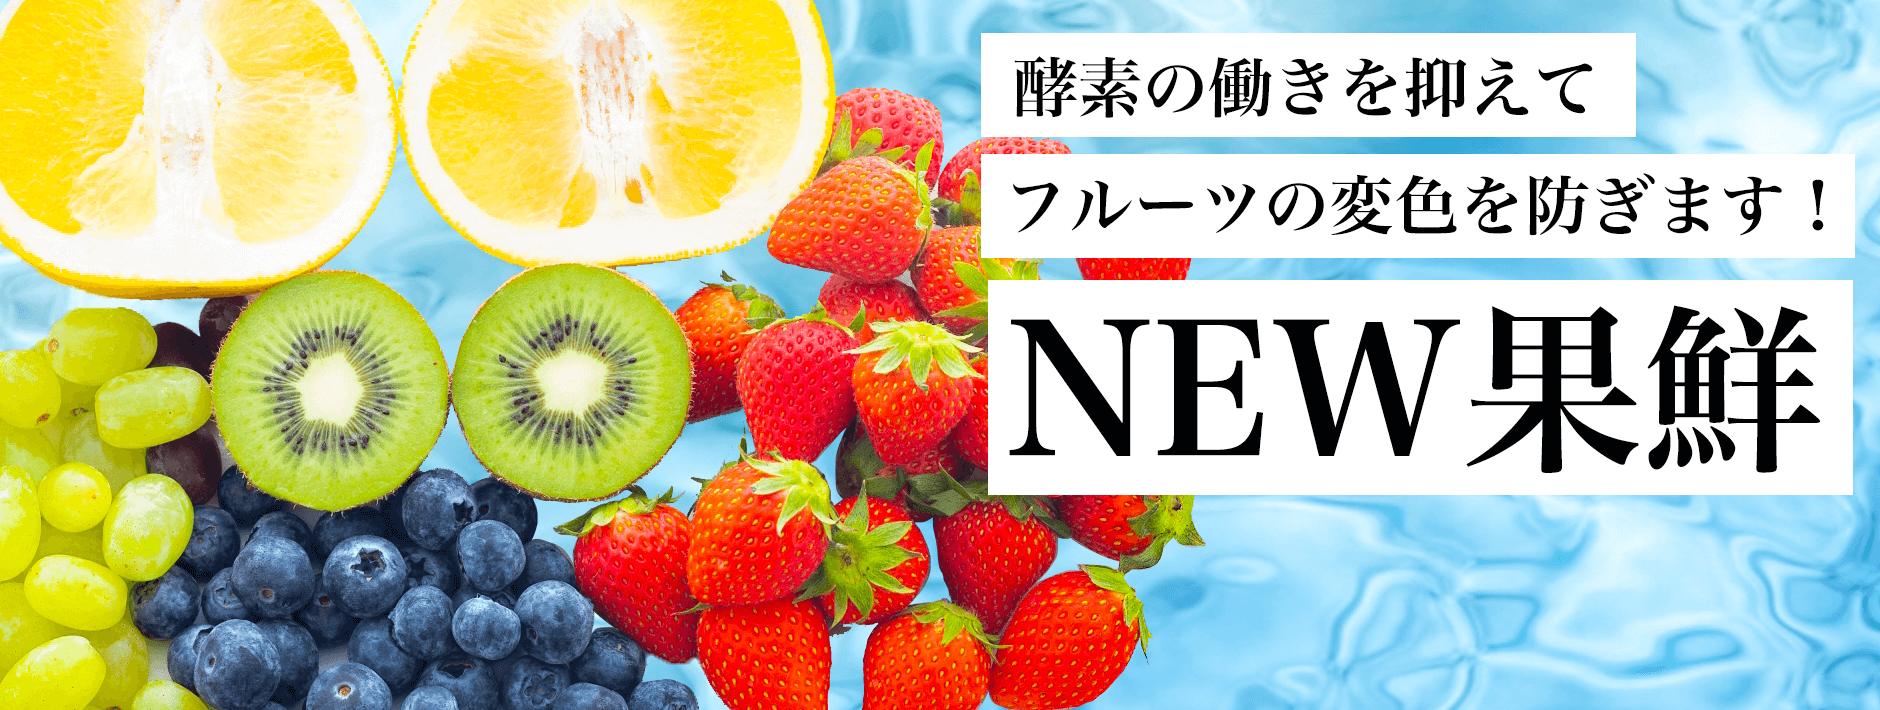 フルーツの変色を防ぐNEW果鮮